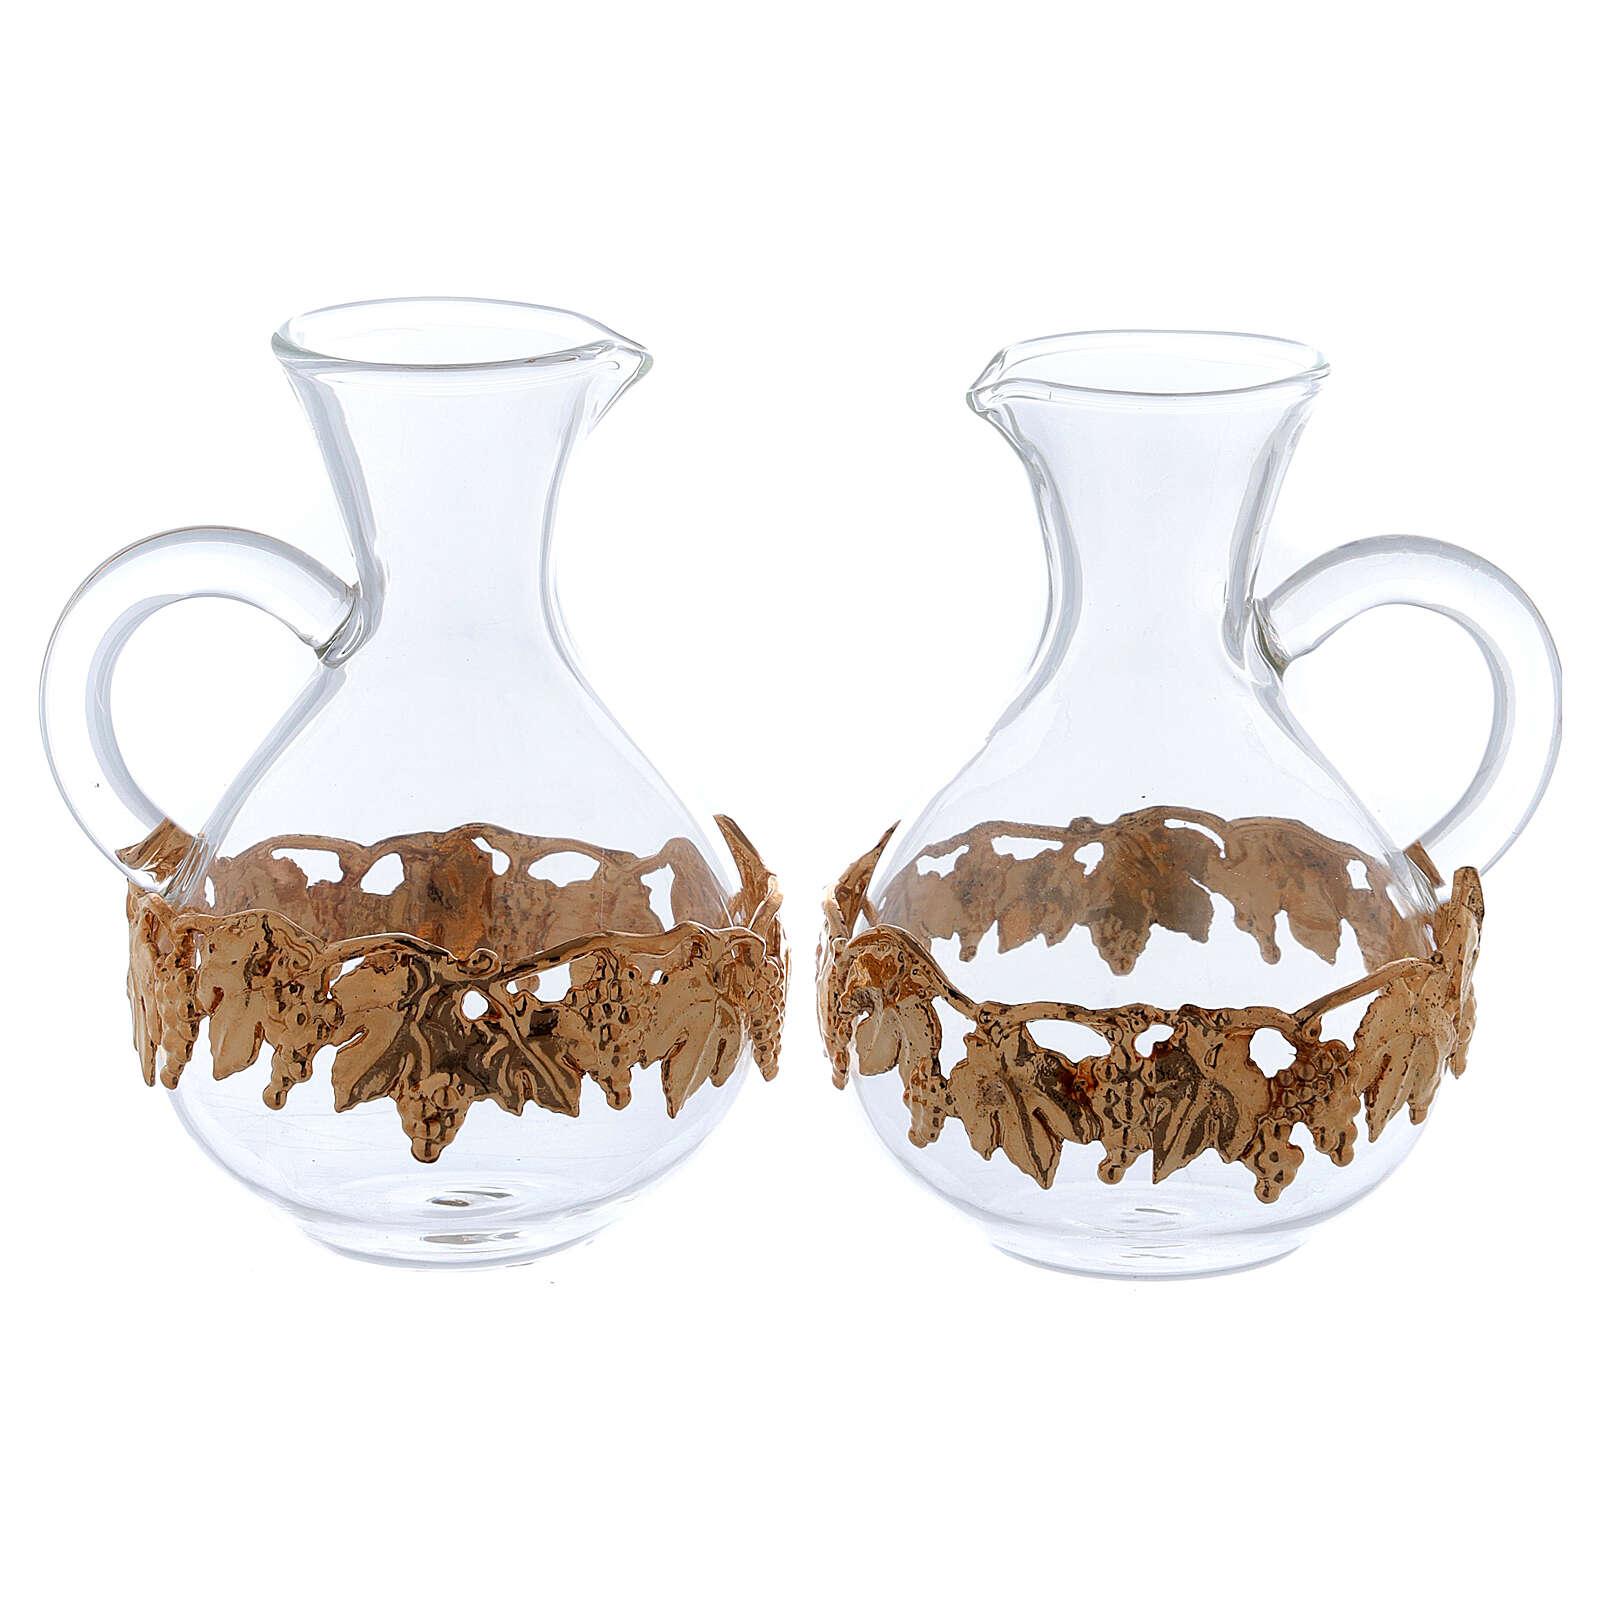 Vinajeras vidrio decoración pámpinos uva 140 ml 2 piezas 4